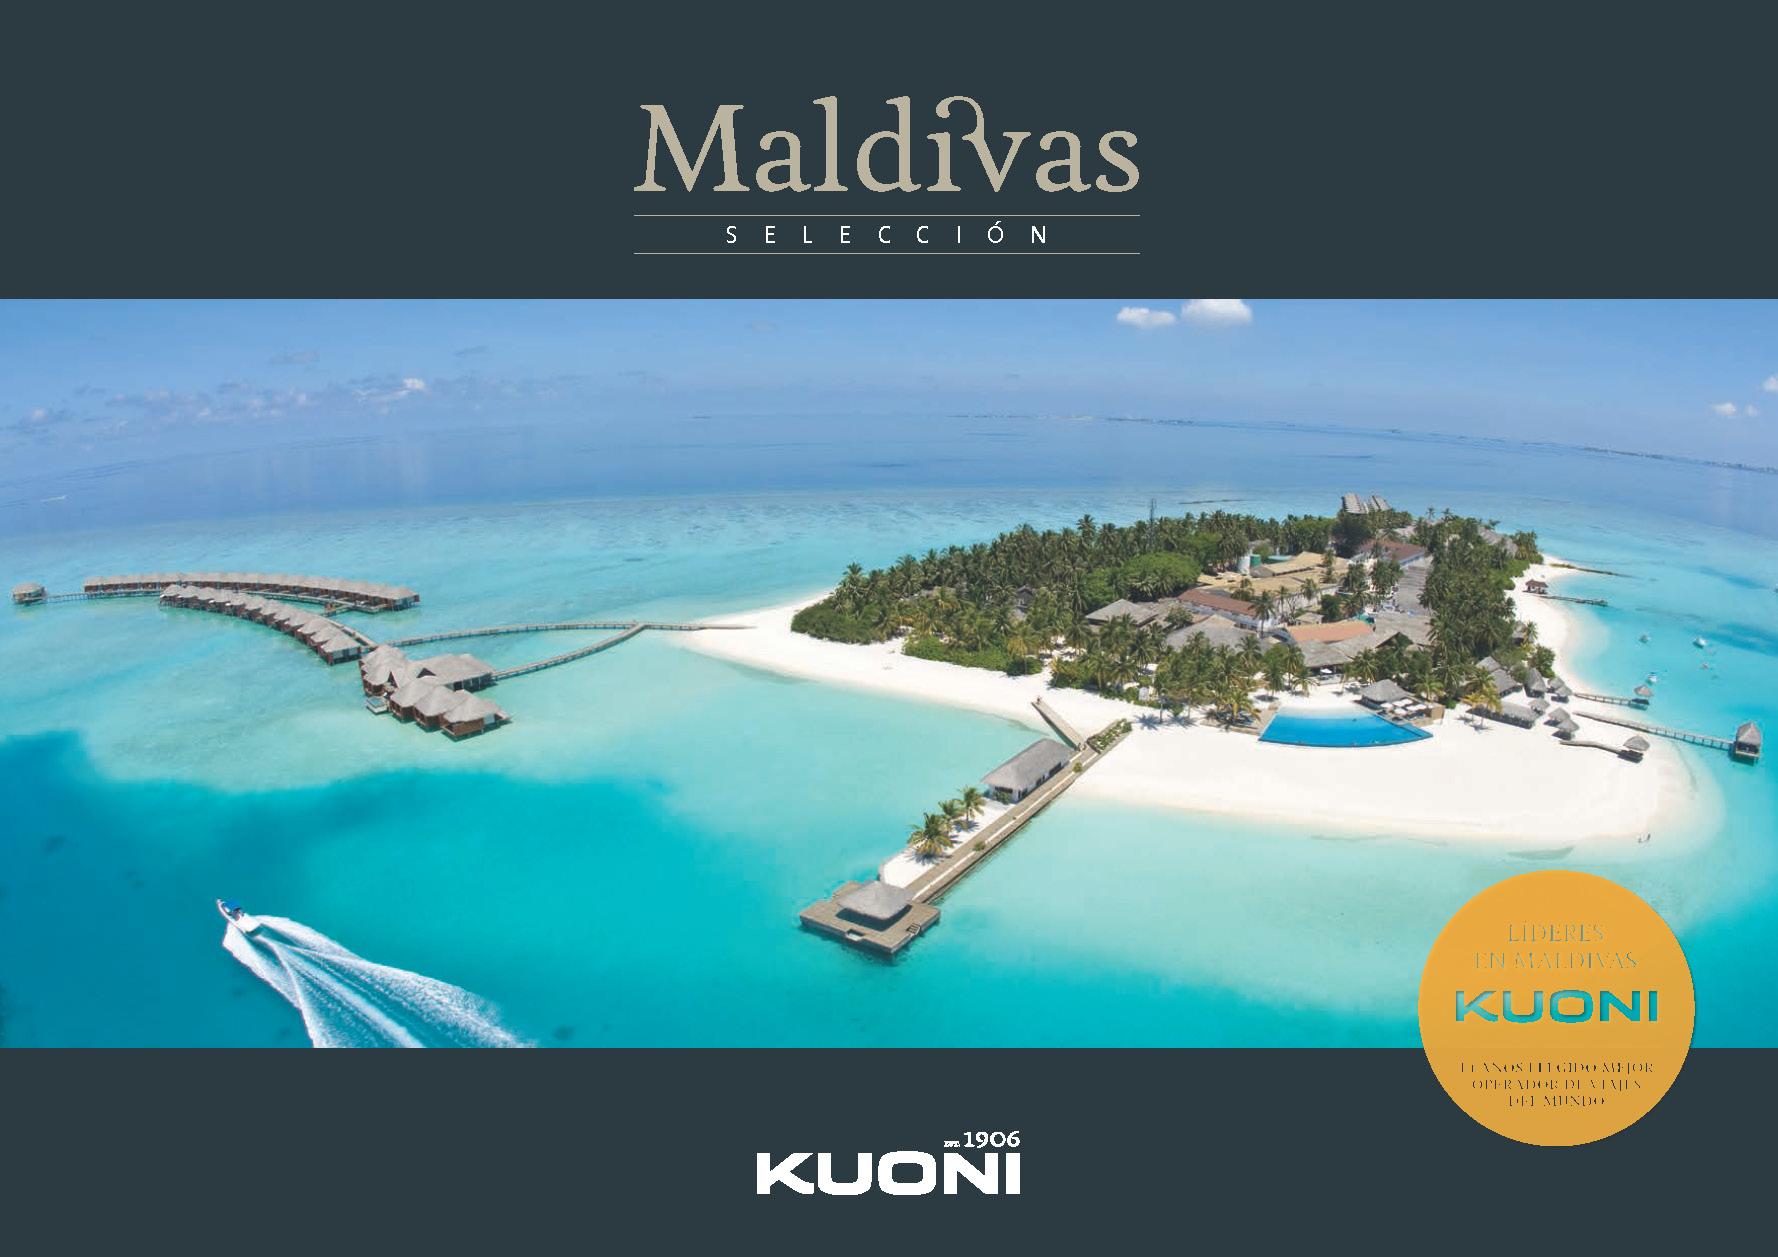 Catalogo Viajes Kuoni Maldivas 2018-2019